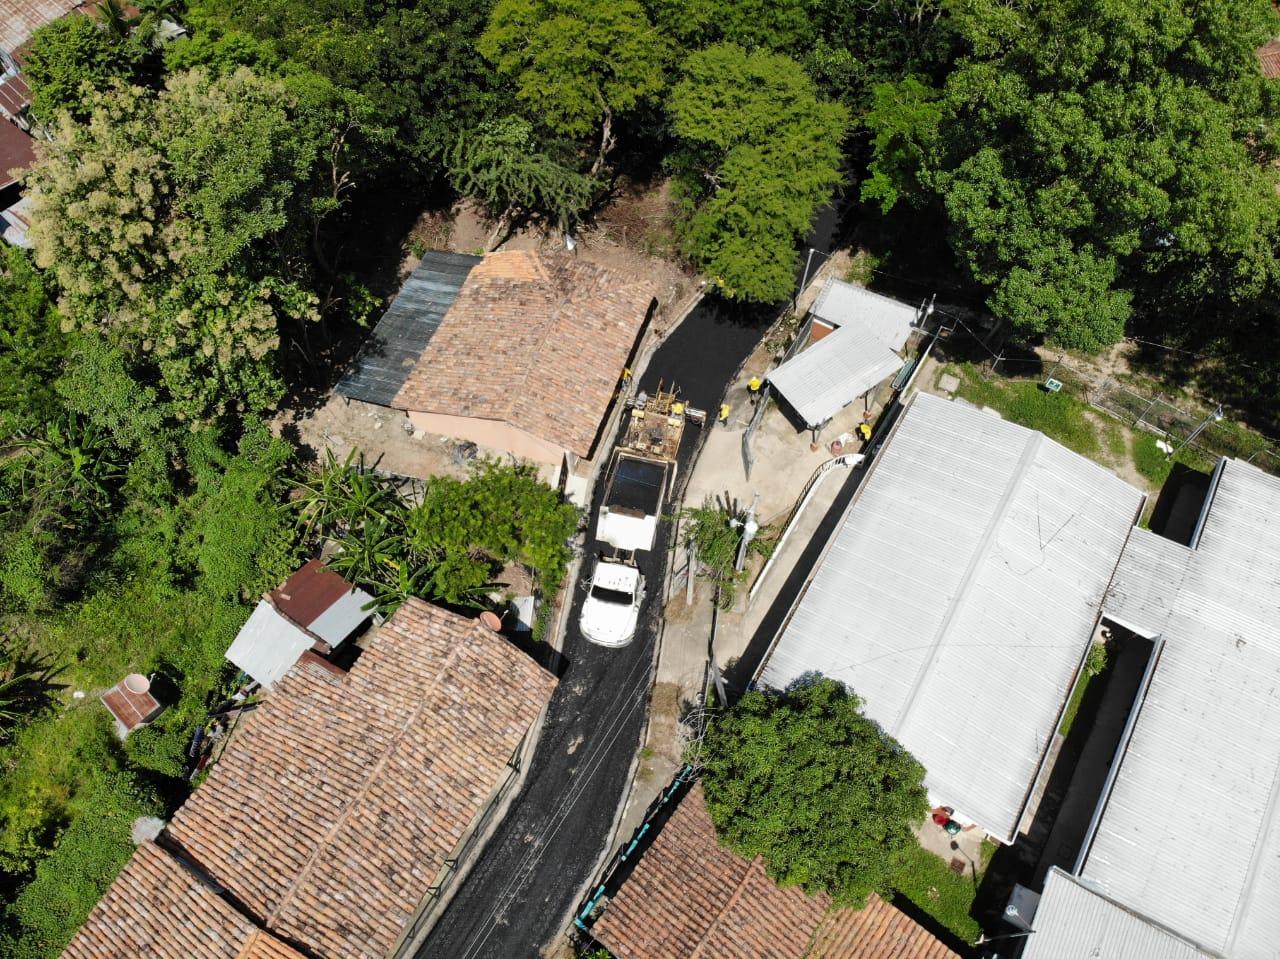 MOP pavimenta calles del casco urbano de Nuevo Edén de San Juan, San Miguel